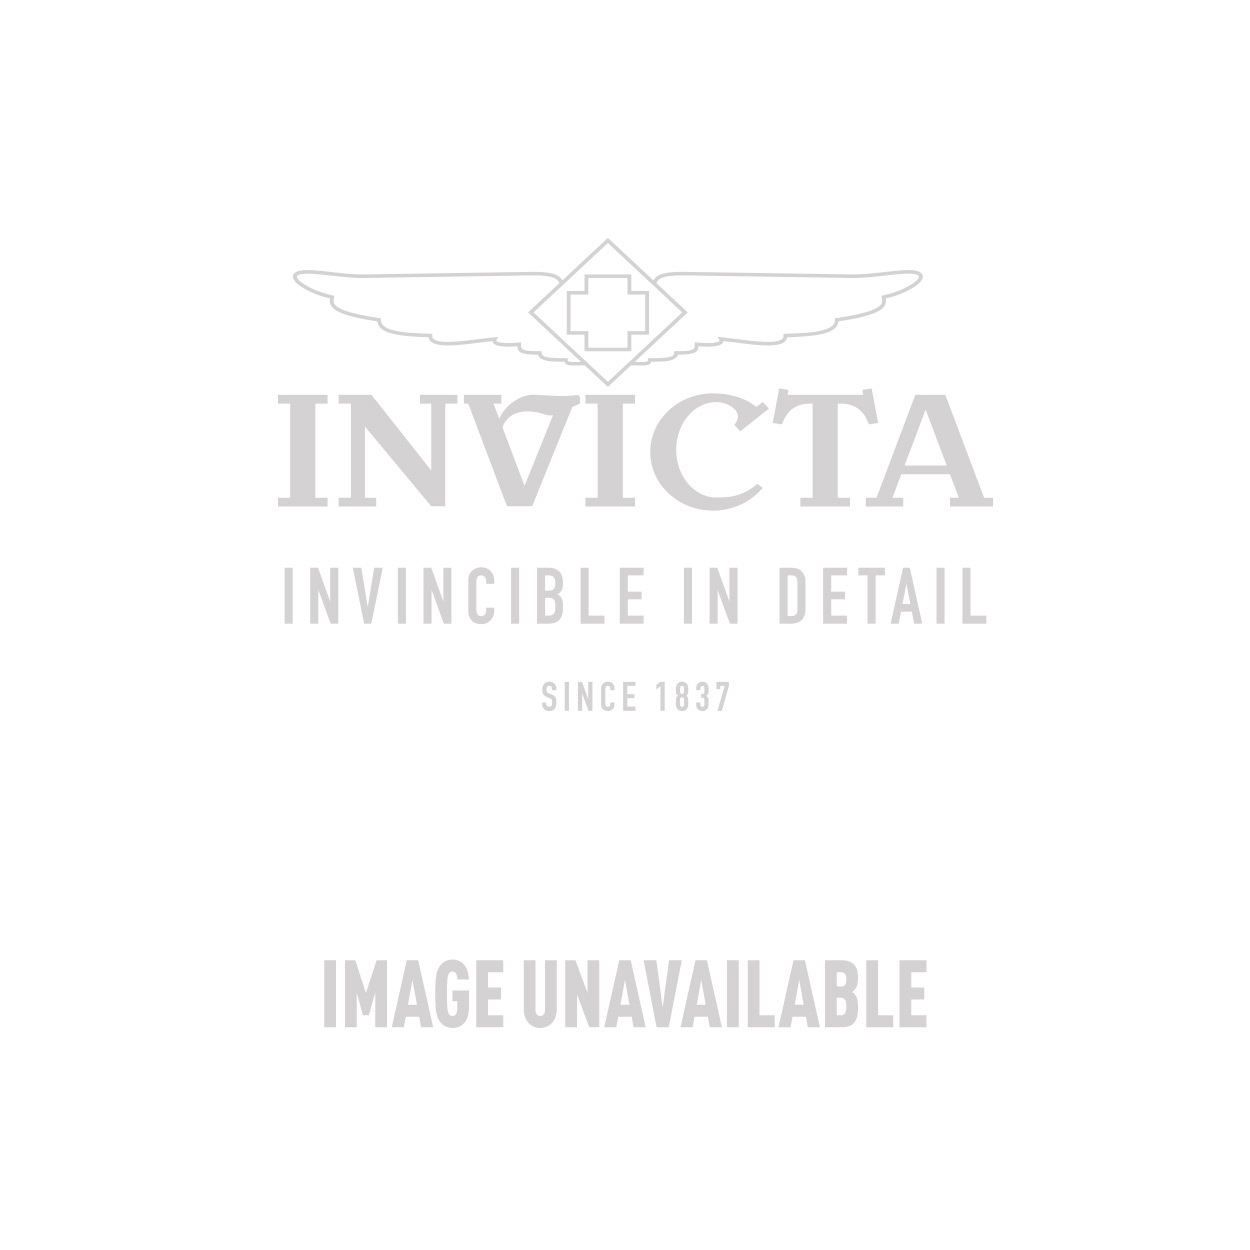 Invicta Subaqua NOMA IV Mens Quartz 50mm Black Case  Stainless Steel Dial Model  - 6583